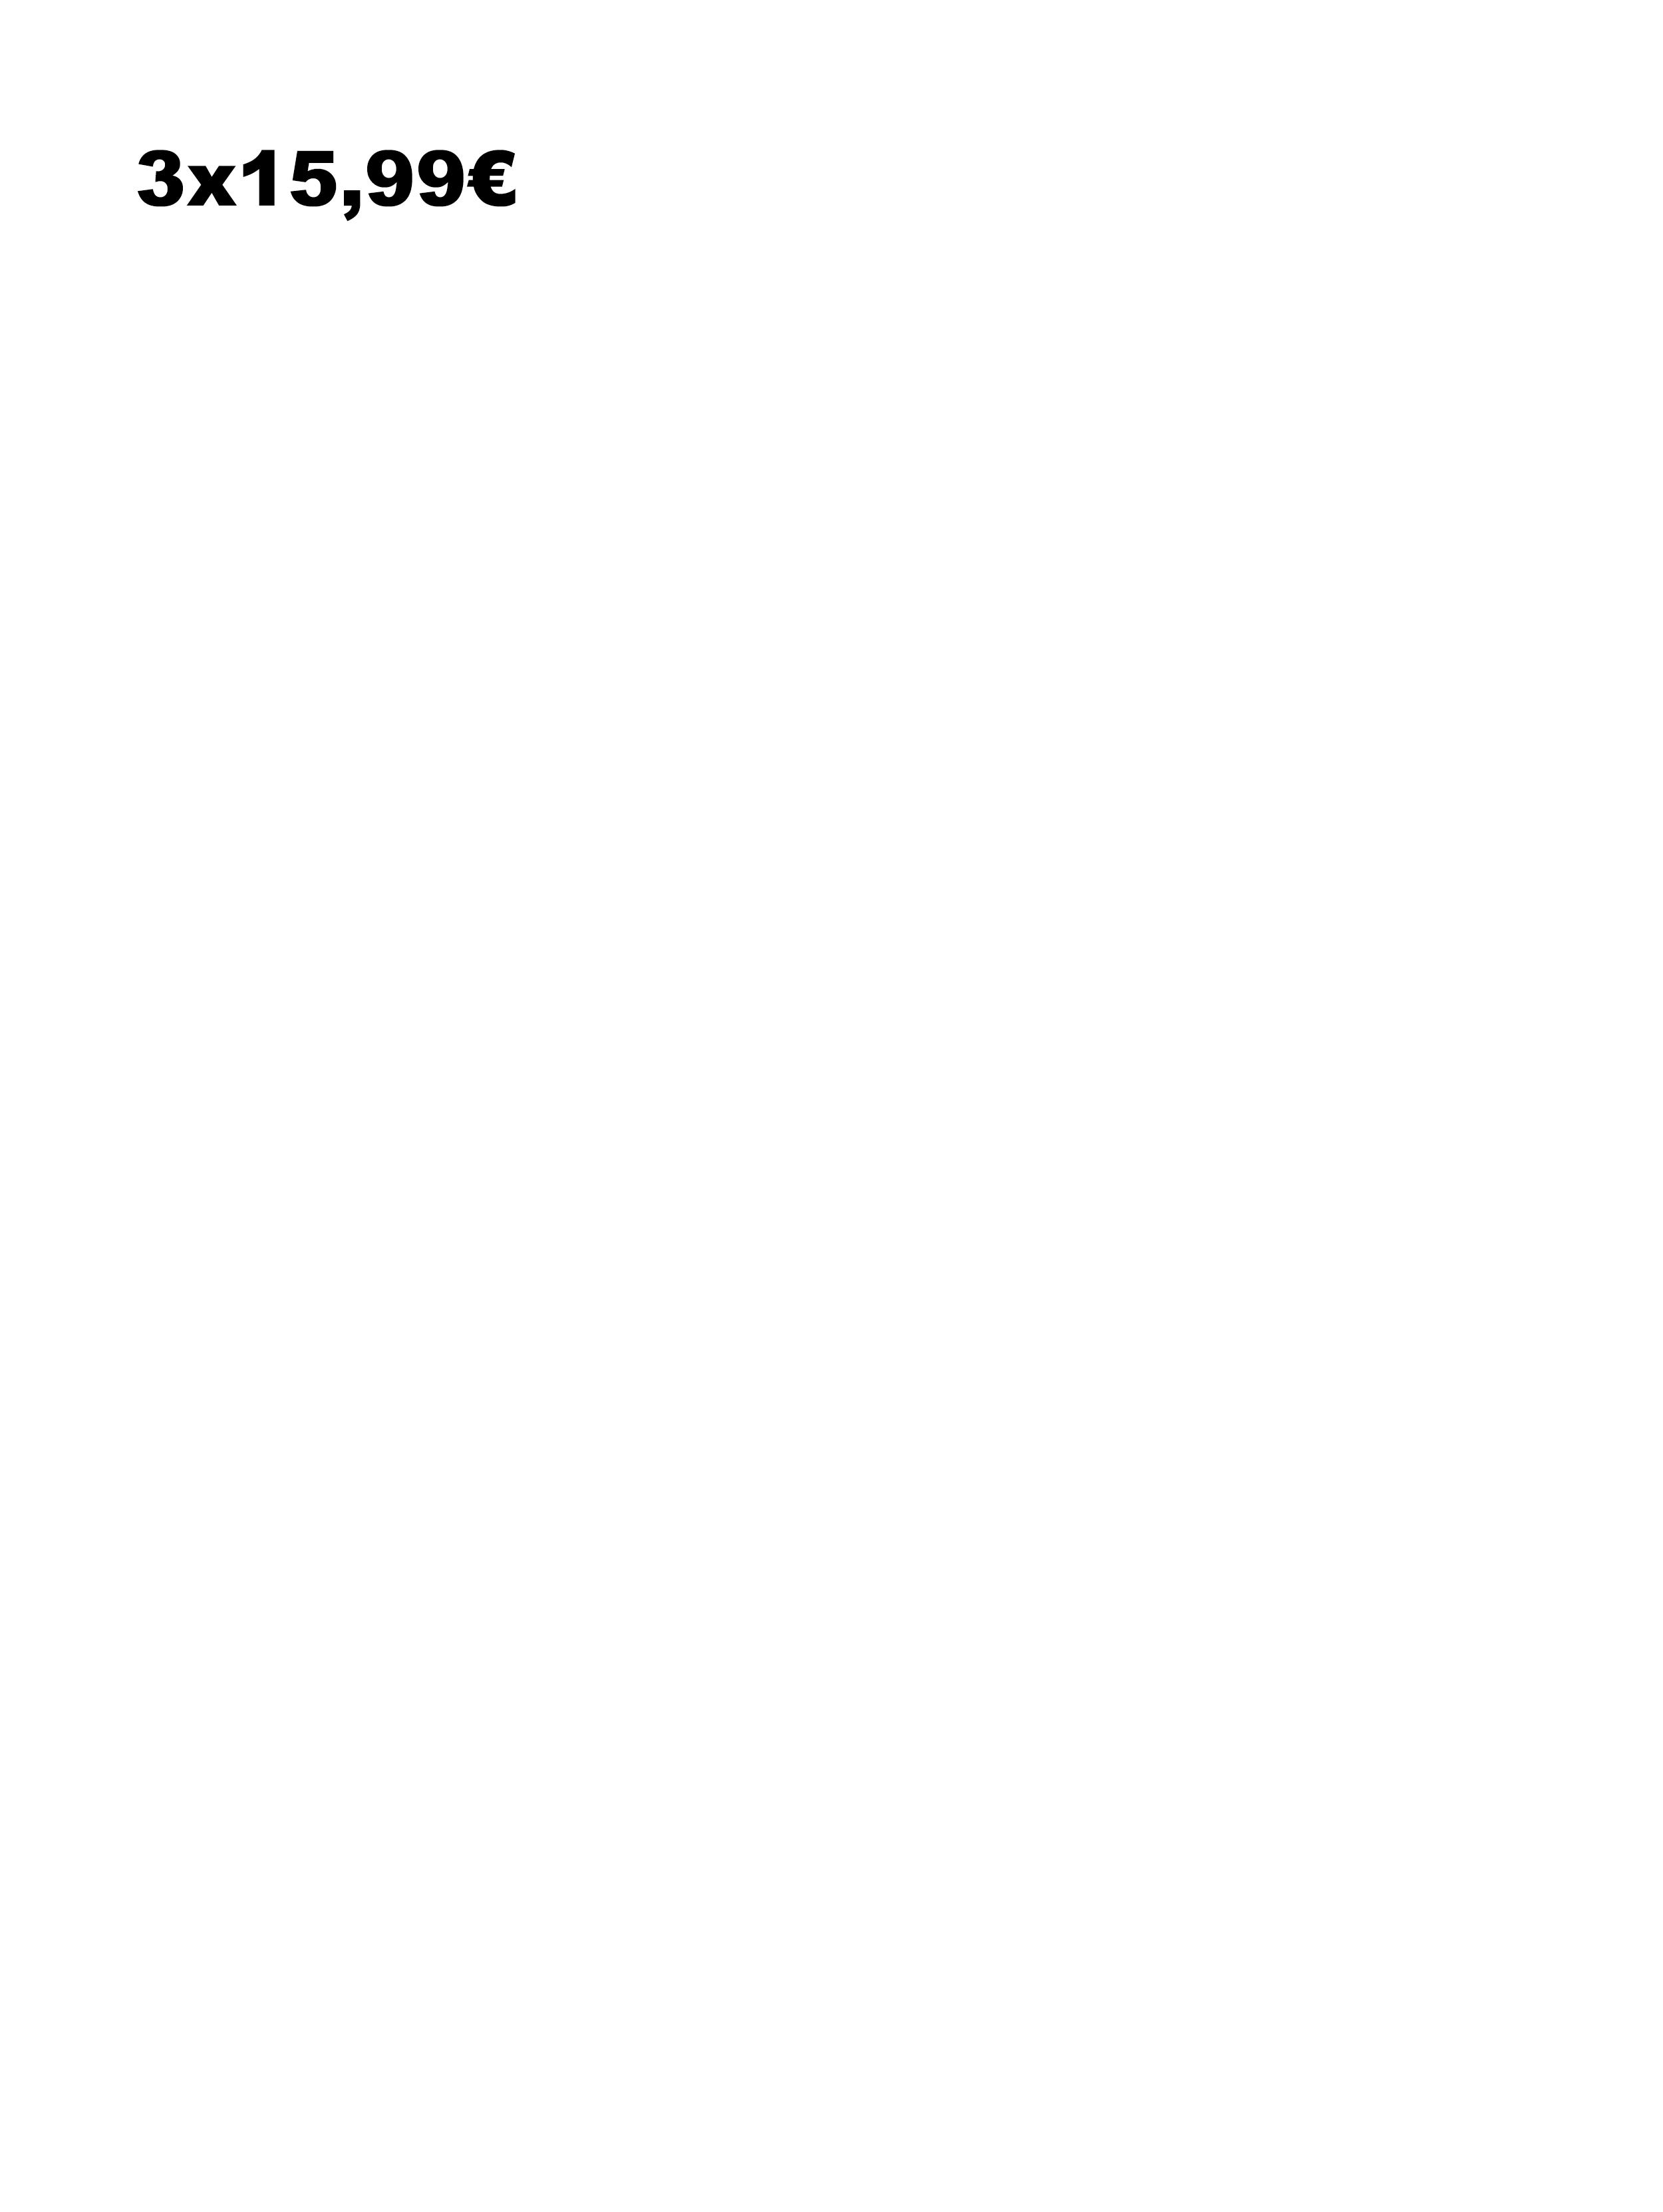 3x15.99 ITA